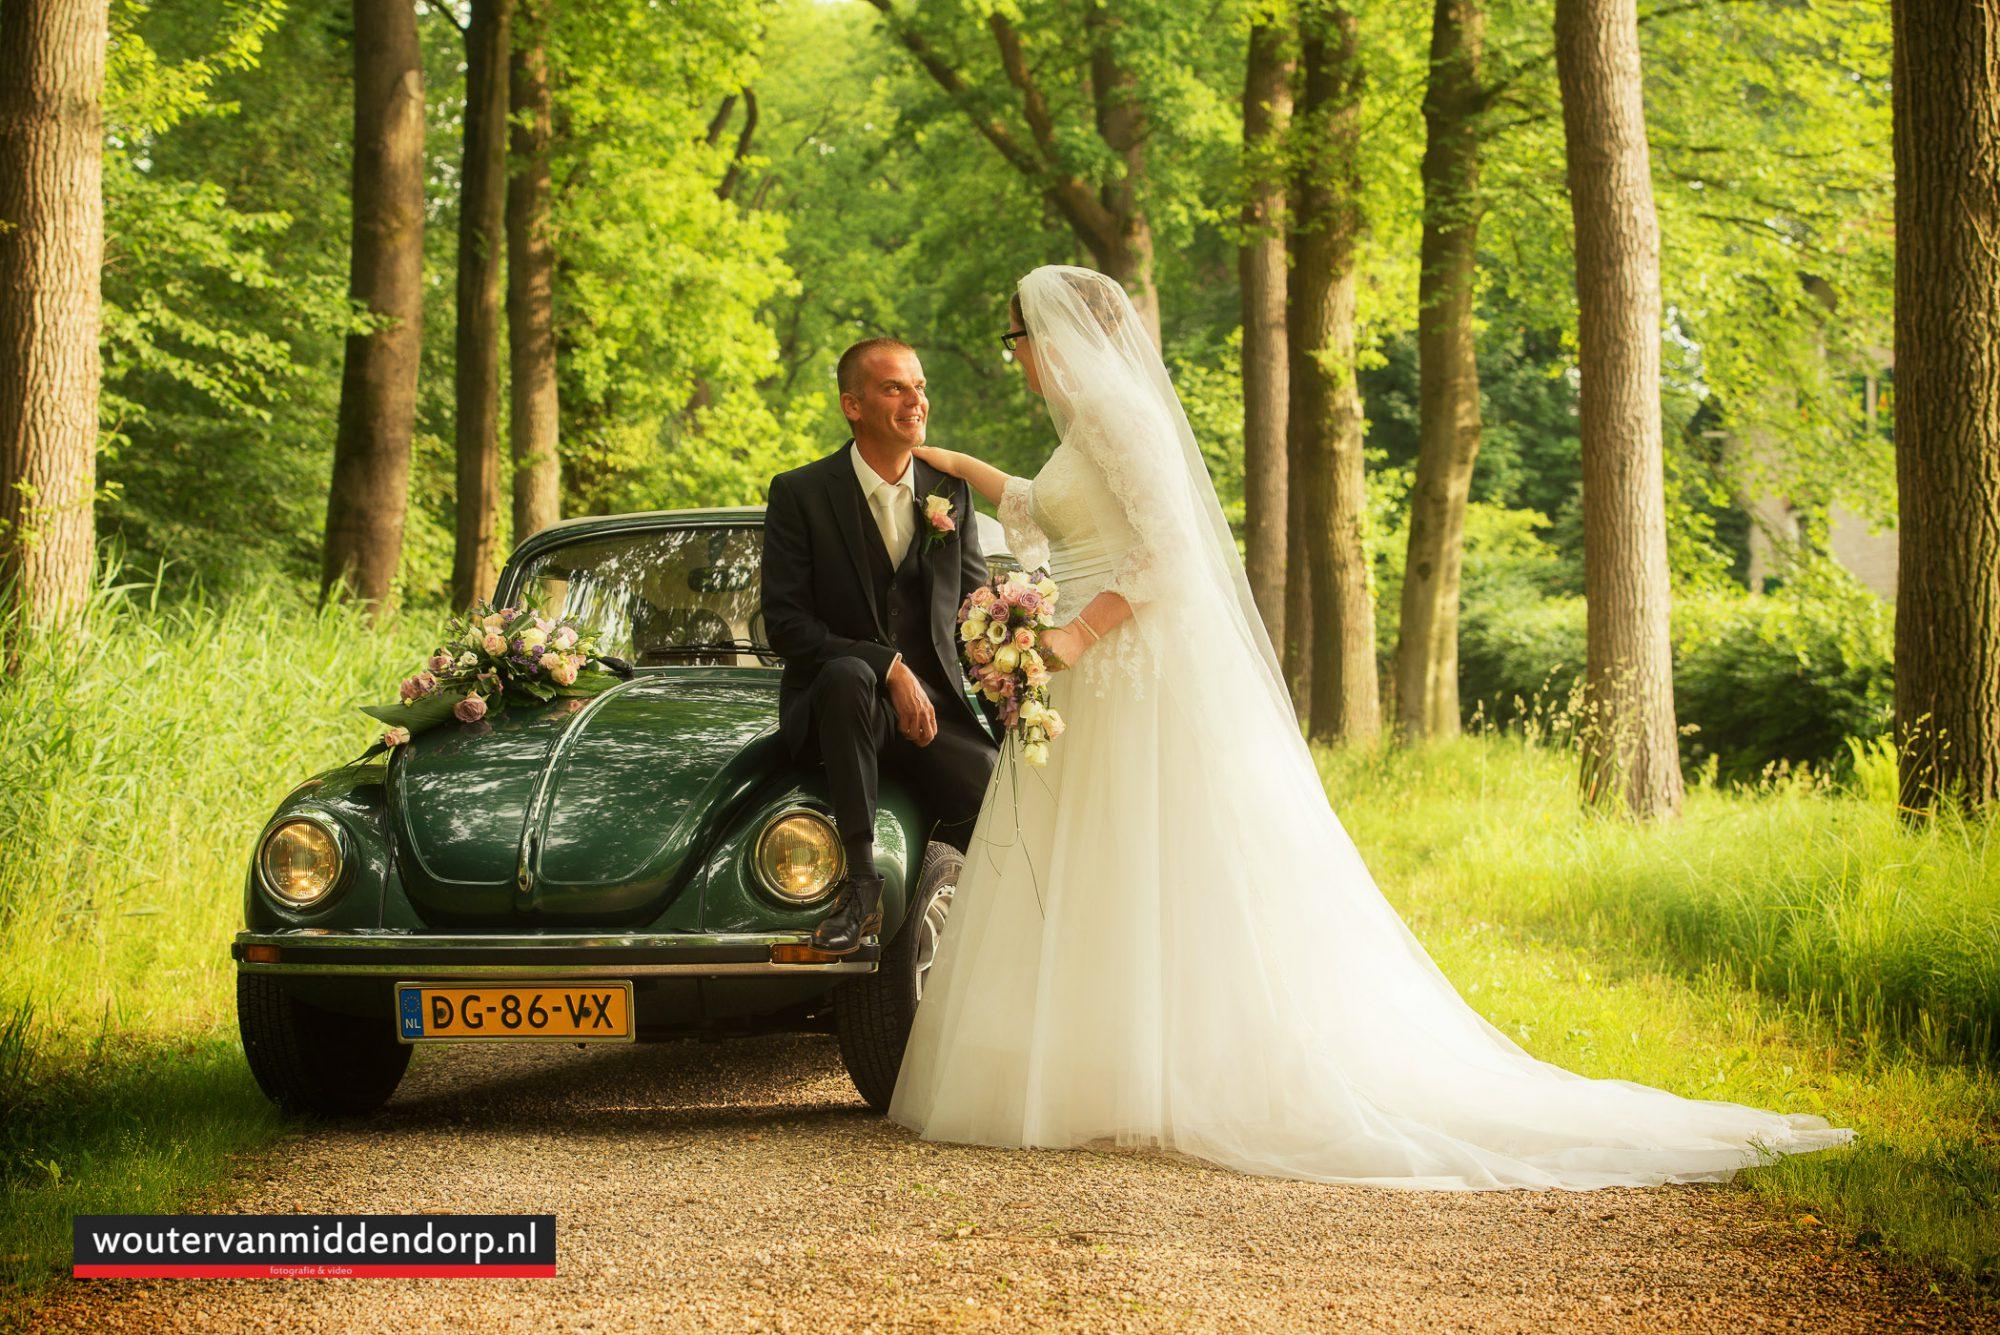 bruidsfotografie-wouter-van-middendorp-veenendaal-uddel-15